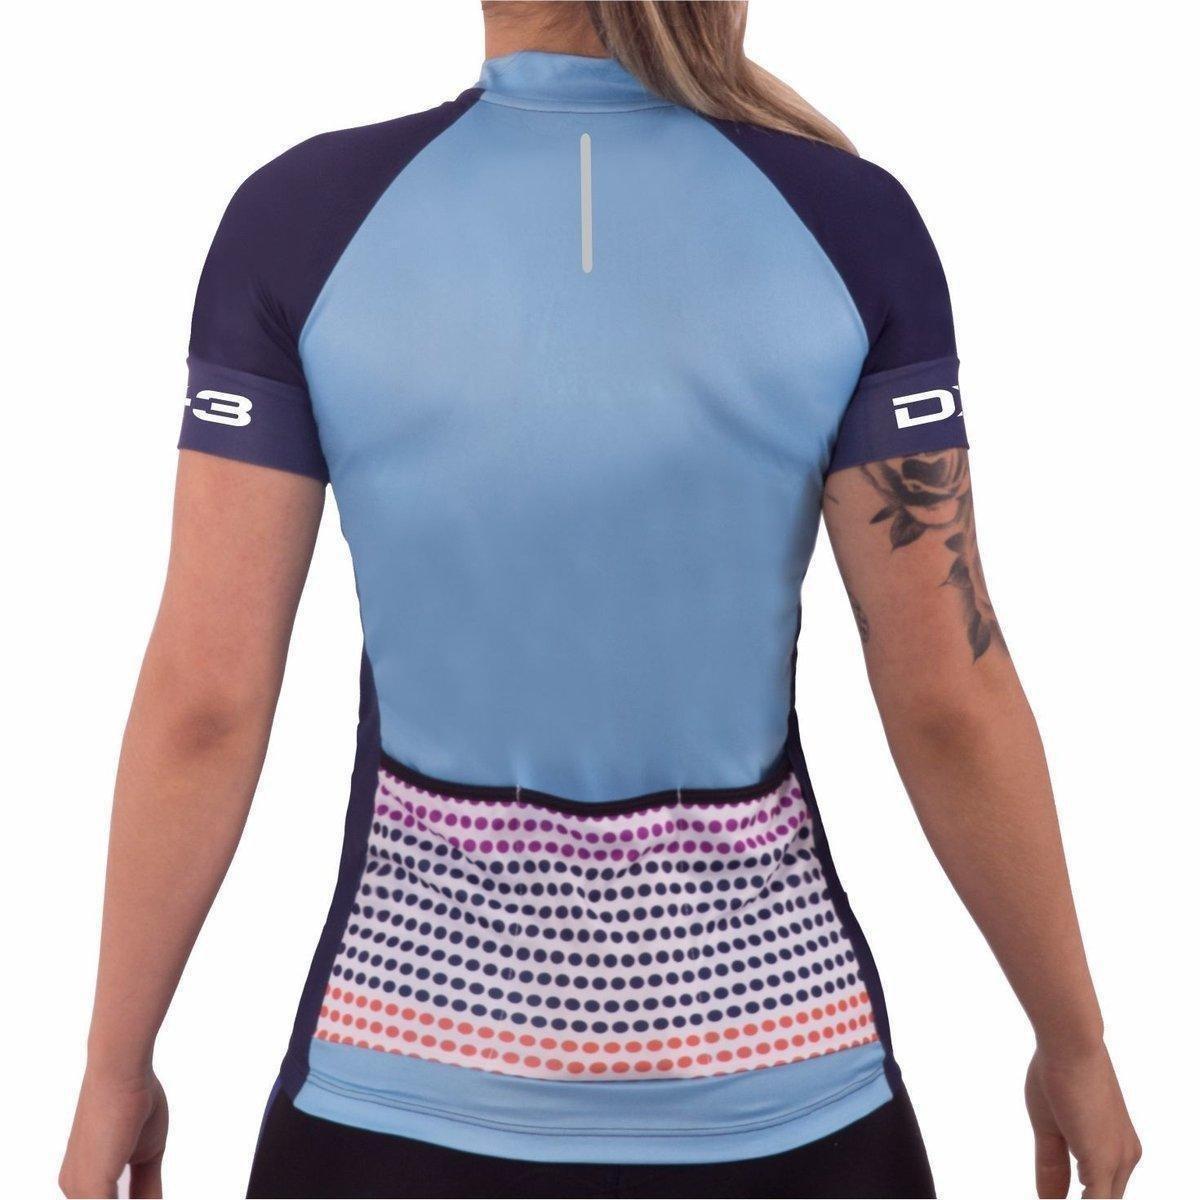 Camisa Feminina Feminina Camisa DX3 DX3 81007 Azul Feminina 81007 Camisa Azul Ciclismo CYCLE DX3 Ciclismo CYCLE CYCLE 0AOqAv